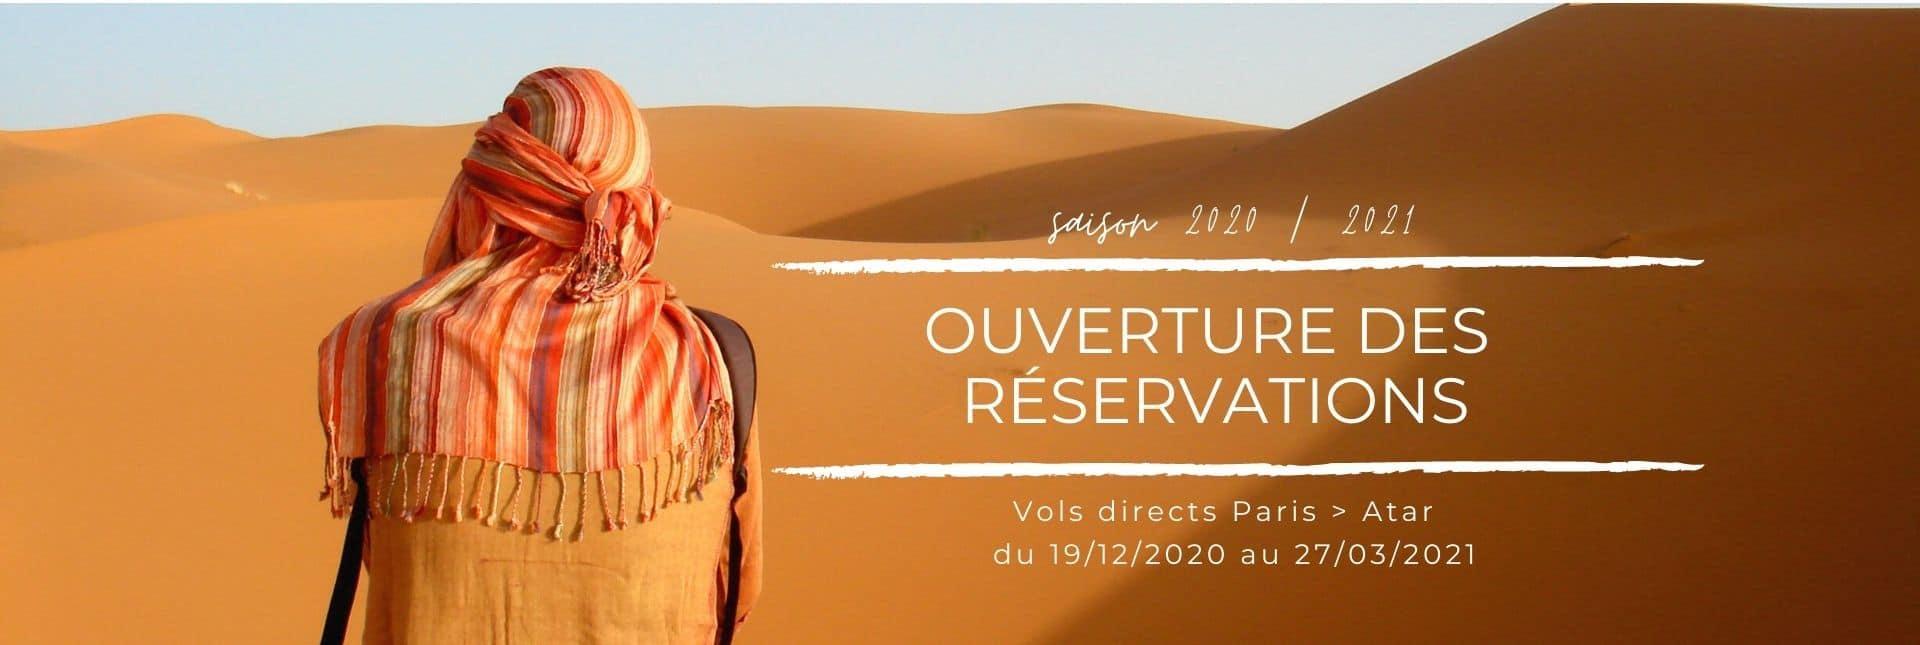 Ouverture reservation vols et circuits Mauritanie 2020/2021